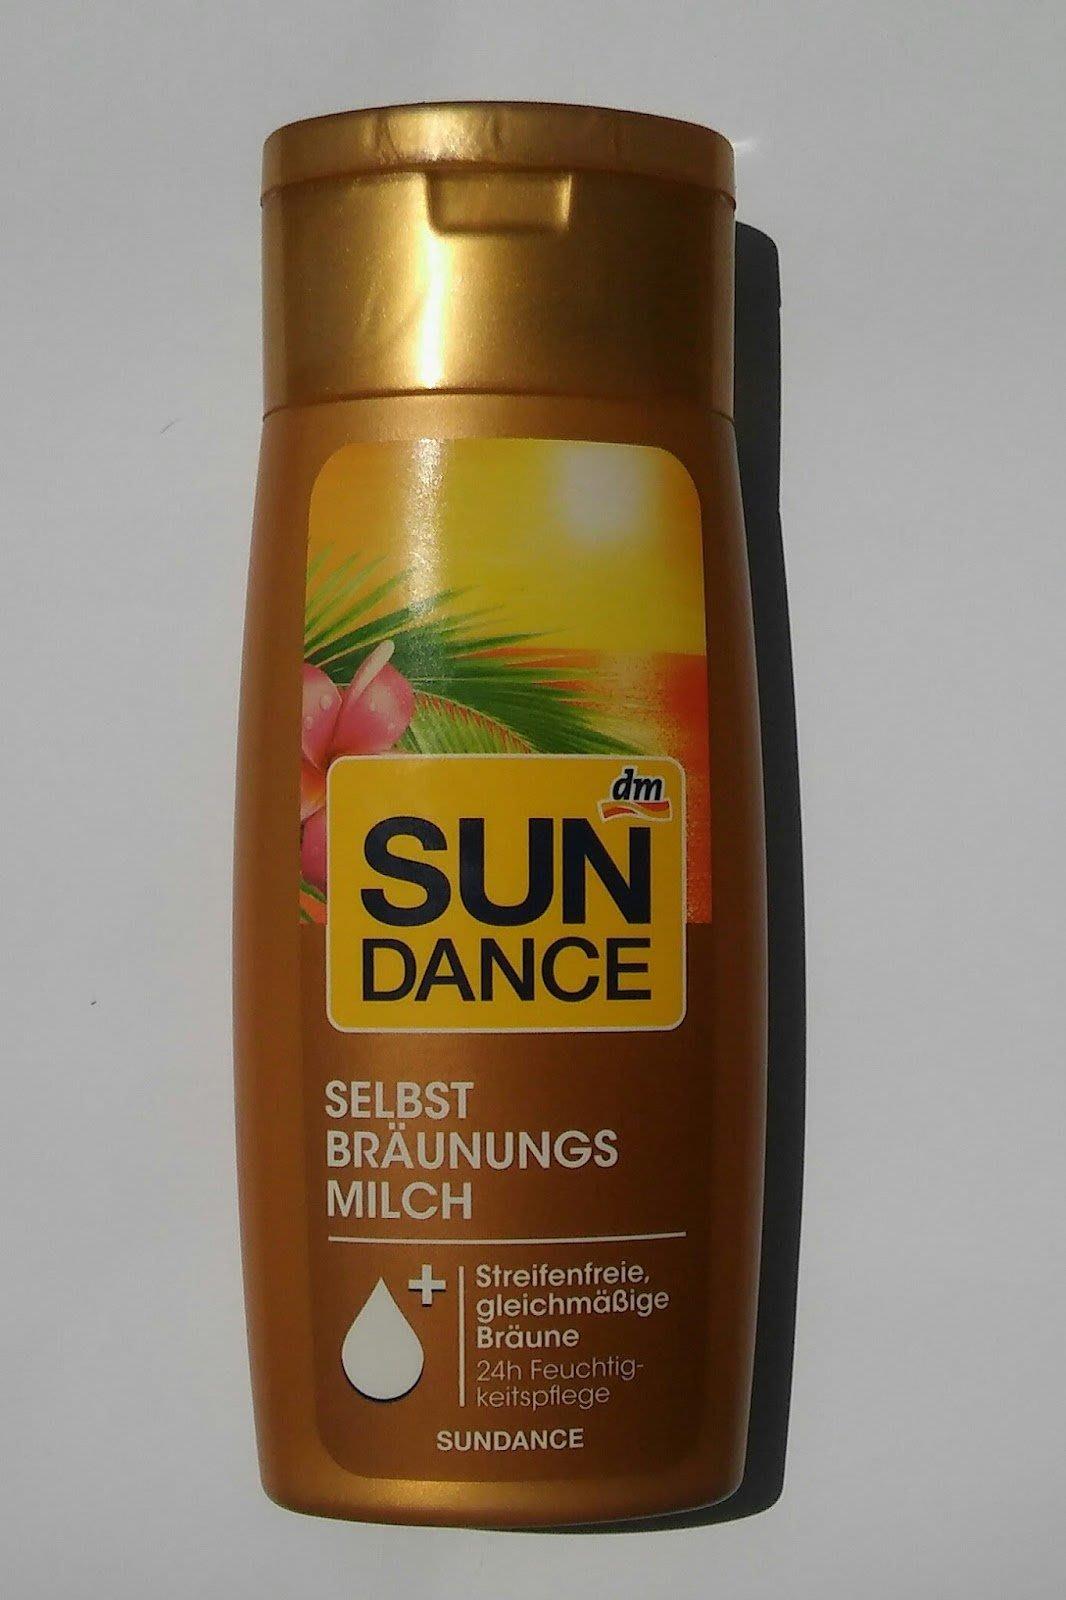 海洋魔力SUN DANCE助曬乳類似Hawaiian Tropics熱帶夏威夷Banana Boat助曬油衝浪助曬劑